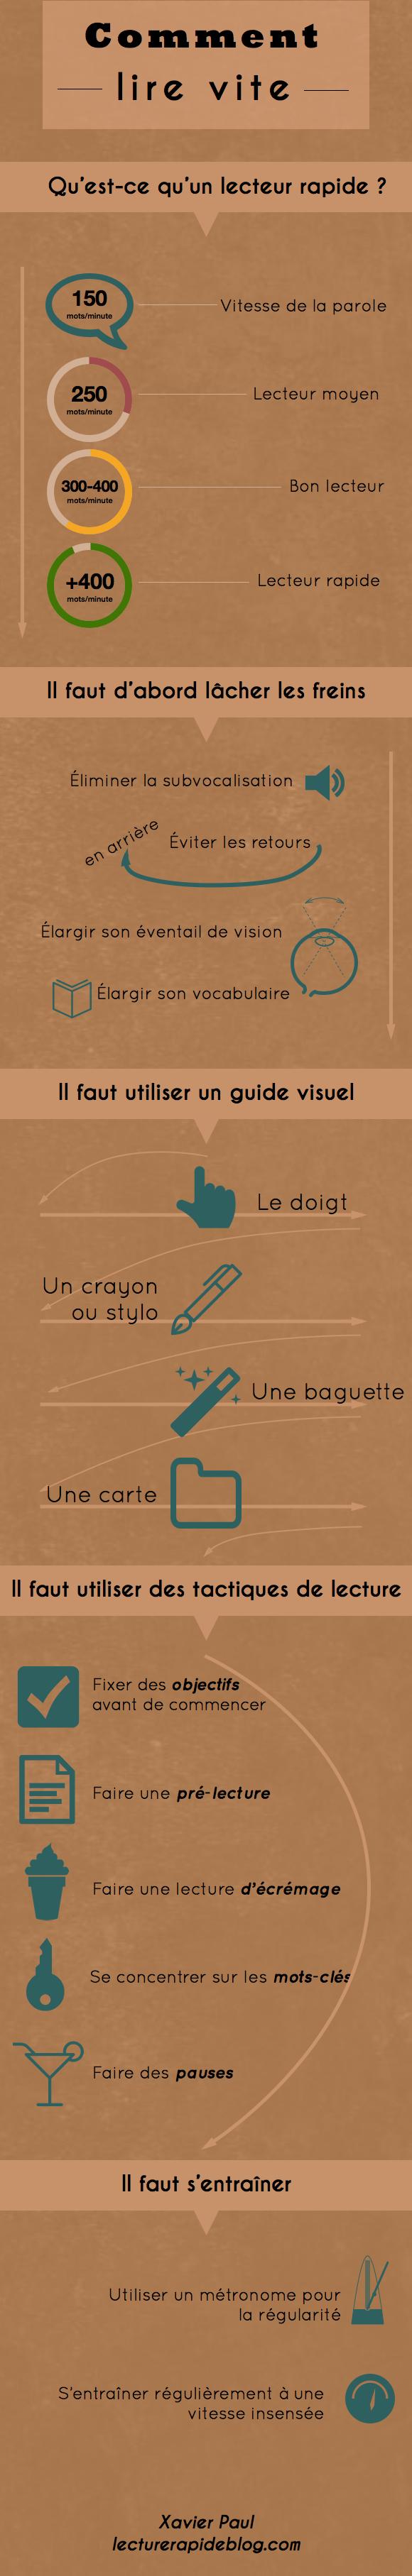 Lecture rapide: l'infographie qui résume tout